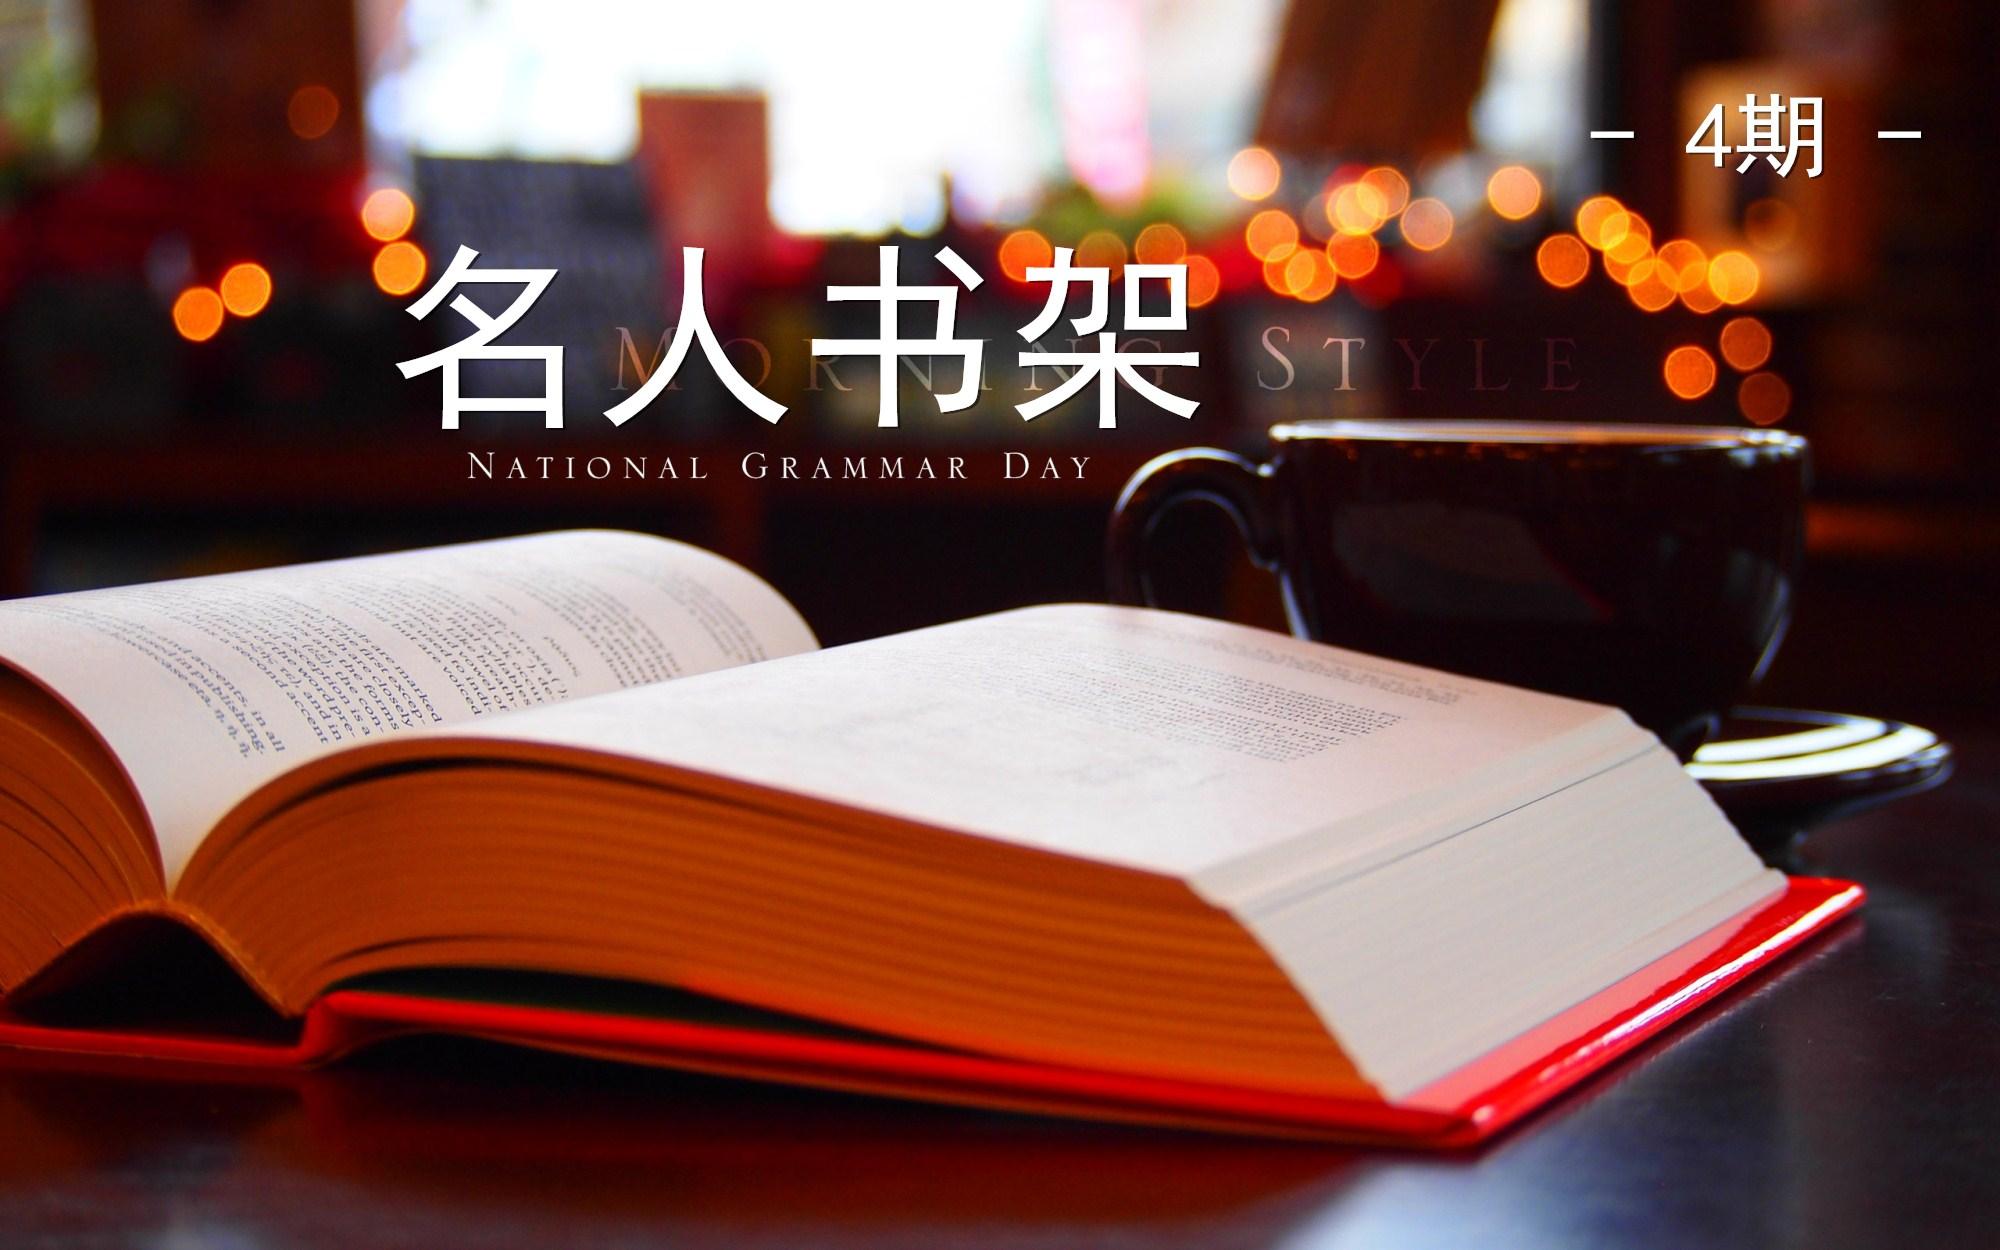 meishubao/2018052323401417154.jpg